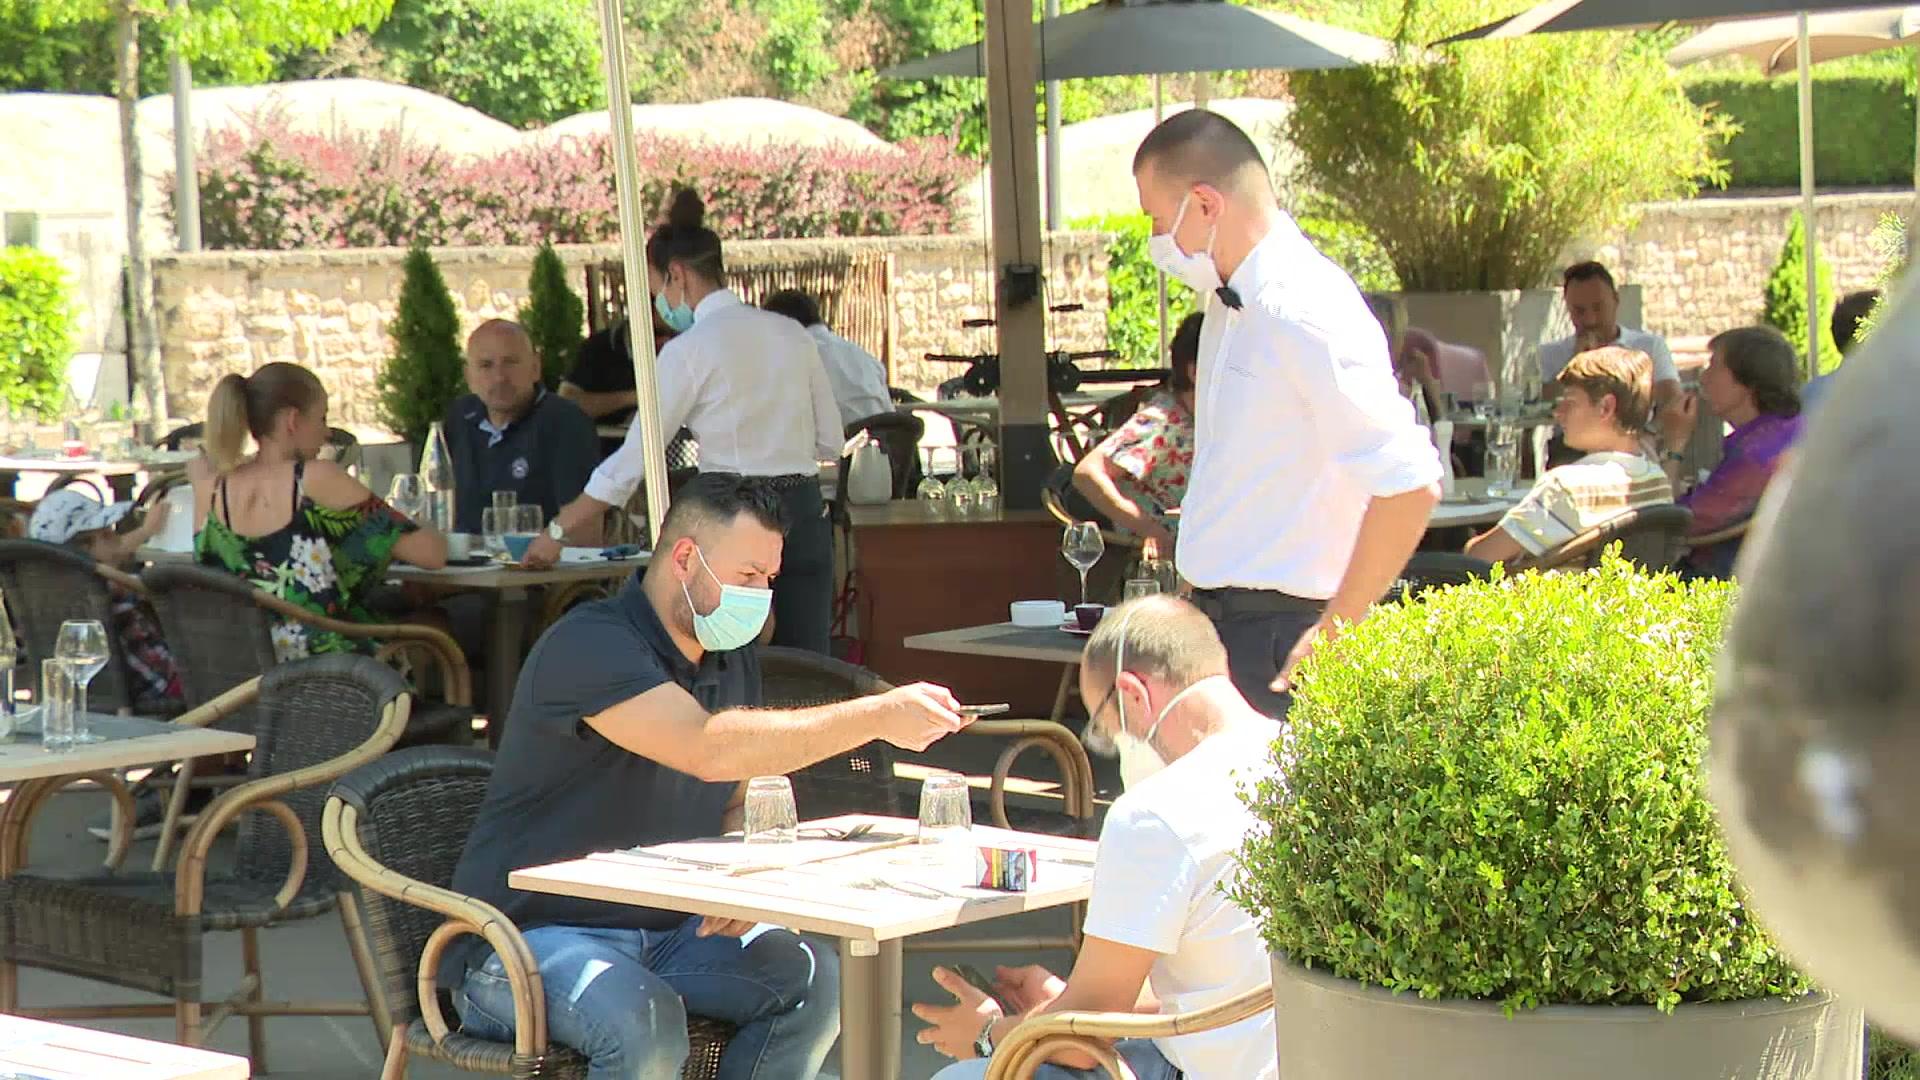 Bilan de la réouverture des restaurants et cafés :Des sourires sous les masques malgré les pertes